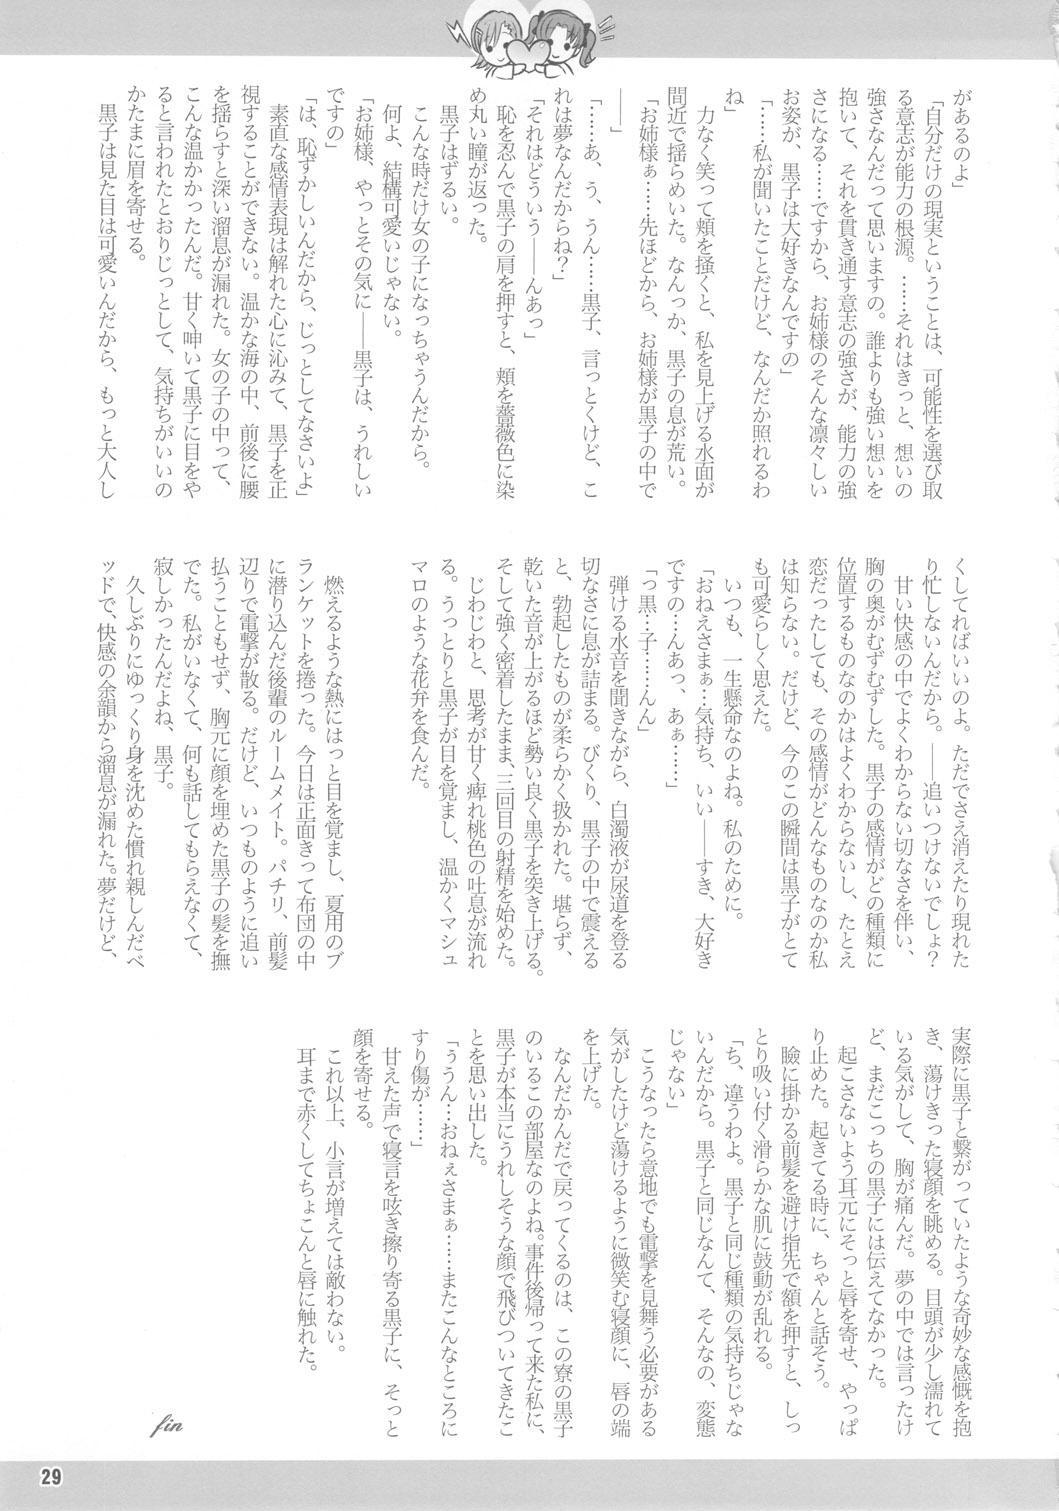 (C78) [Arsenothelus (Rebis)] Toaru Kuroko no Mikoto Kanzen Kouryaku (Toaru Kagaku no Railgun) [English] <desudesu> 27